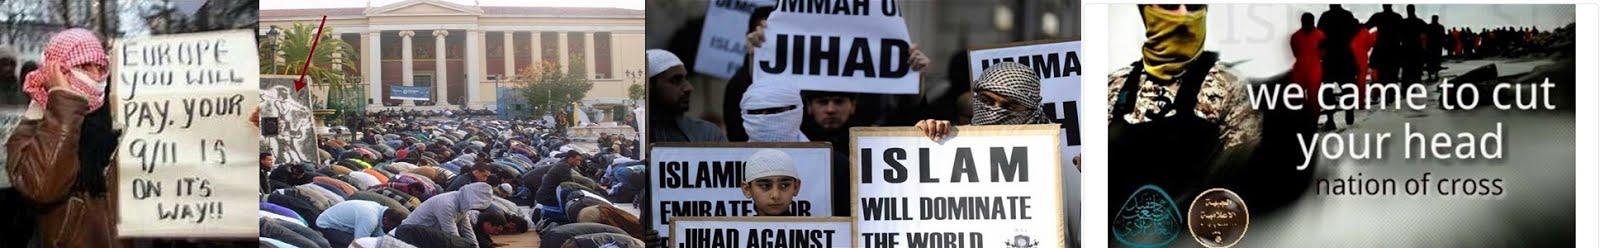 """Ποιοί """"προύχοντες"""" κρύβονται πίσω από την ισλαμοποίηση της χώρας;"""